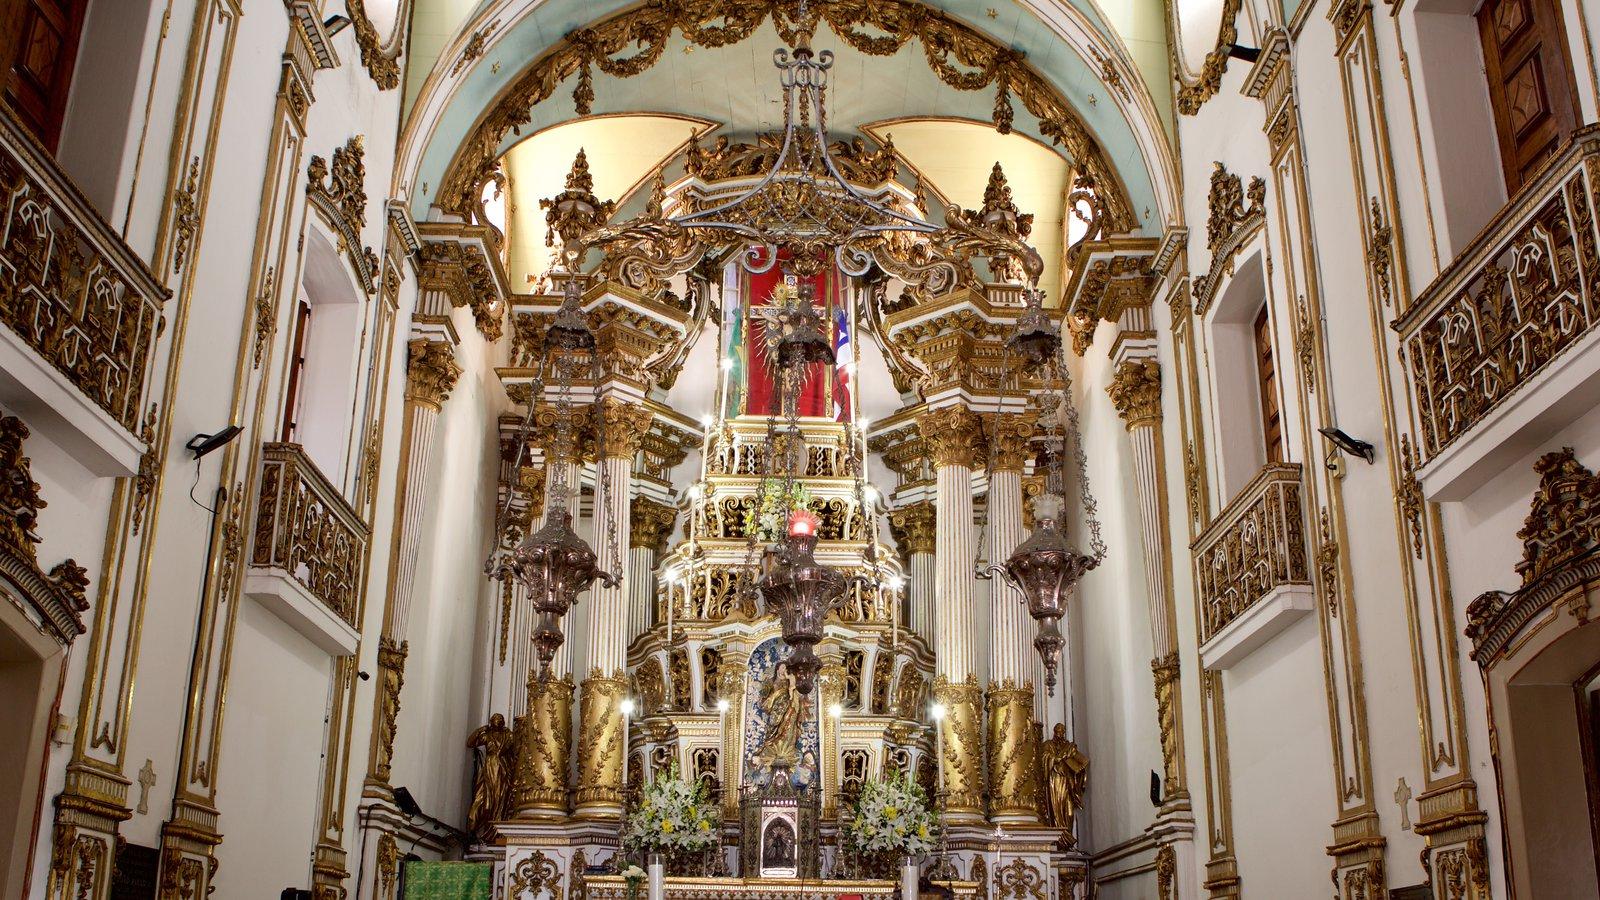 Igreja do Nosso Senhor do Bonfim que inclui vistas internas, uma igreja ou catedral e aspectos religiosos